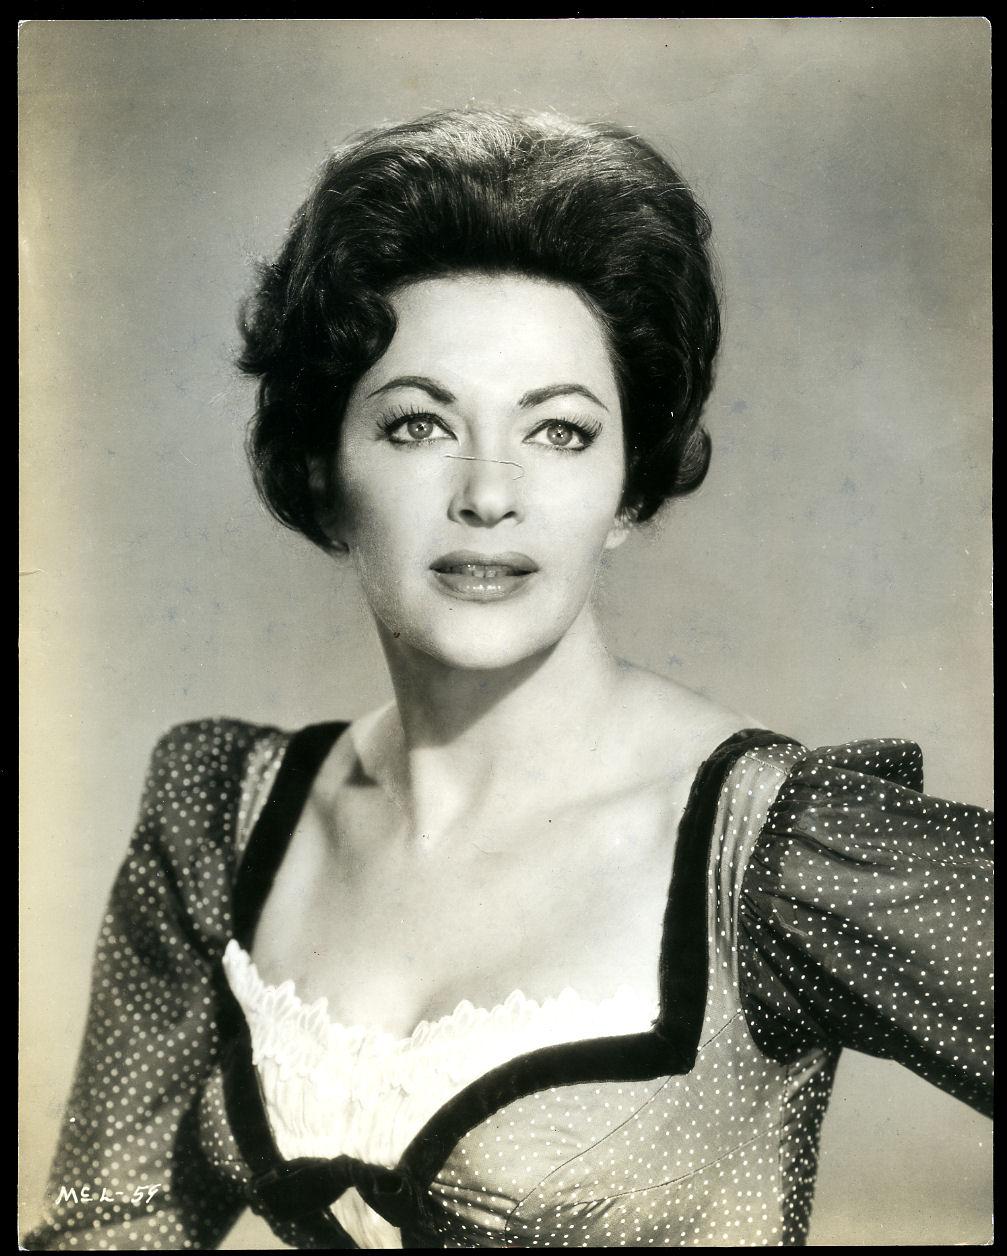 Molly Stanton,Lolita Rodriguez (1935?016) Hot pics Kiara Kabukuru,Michele Ragusa